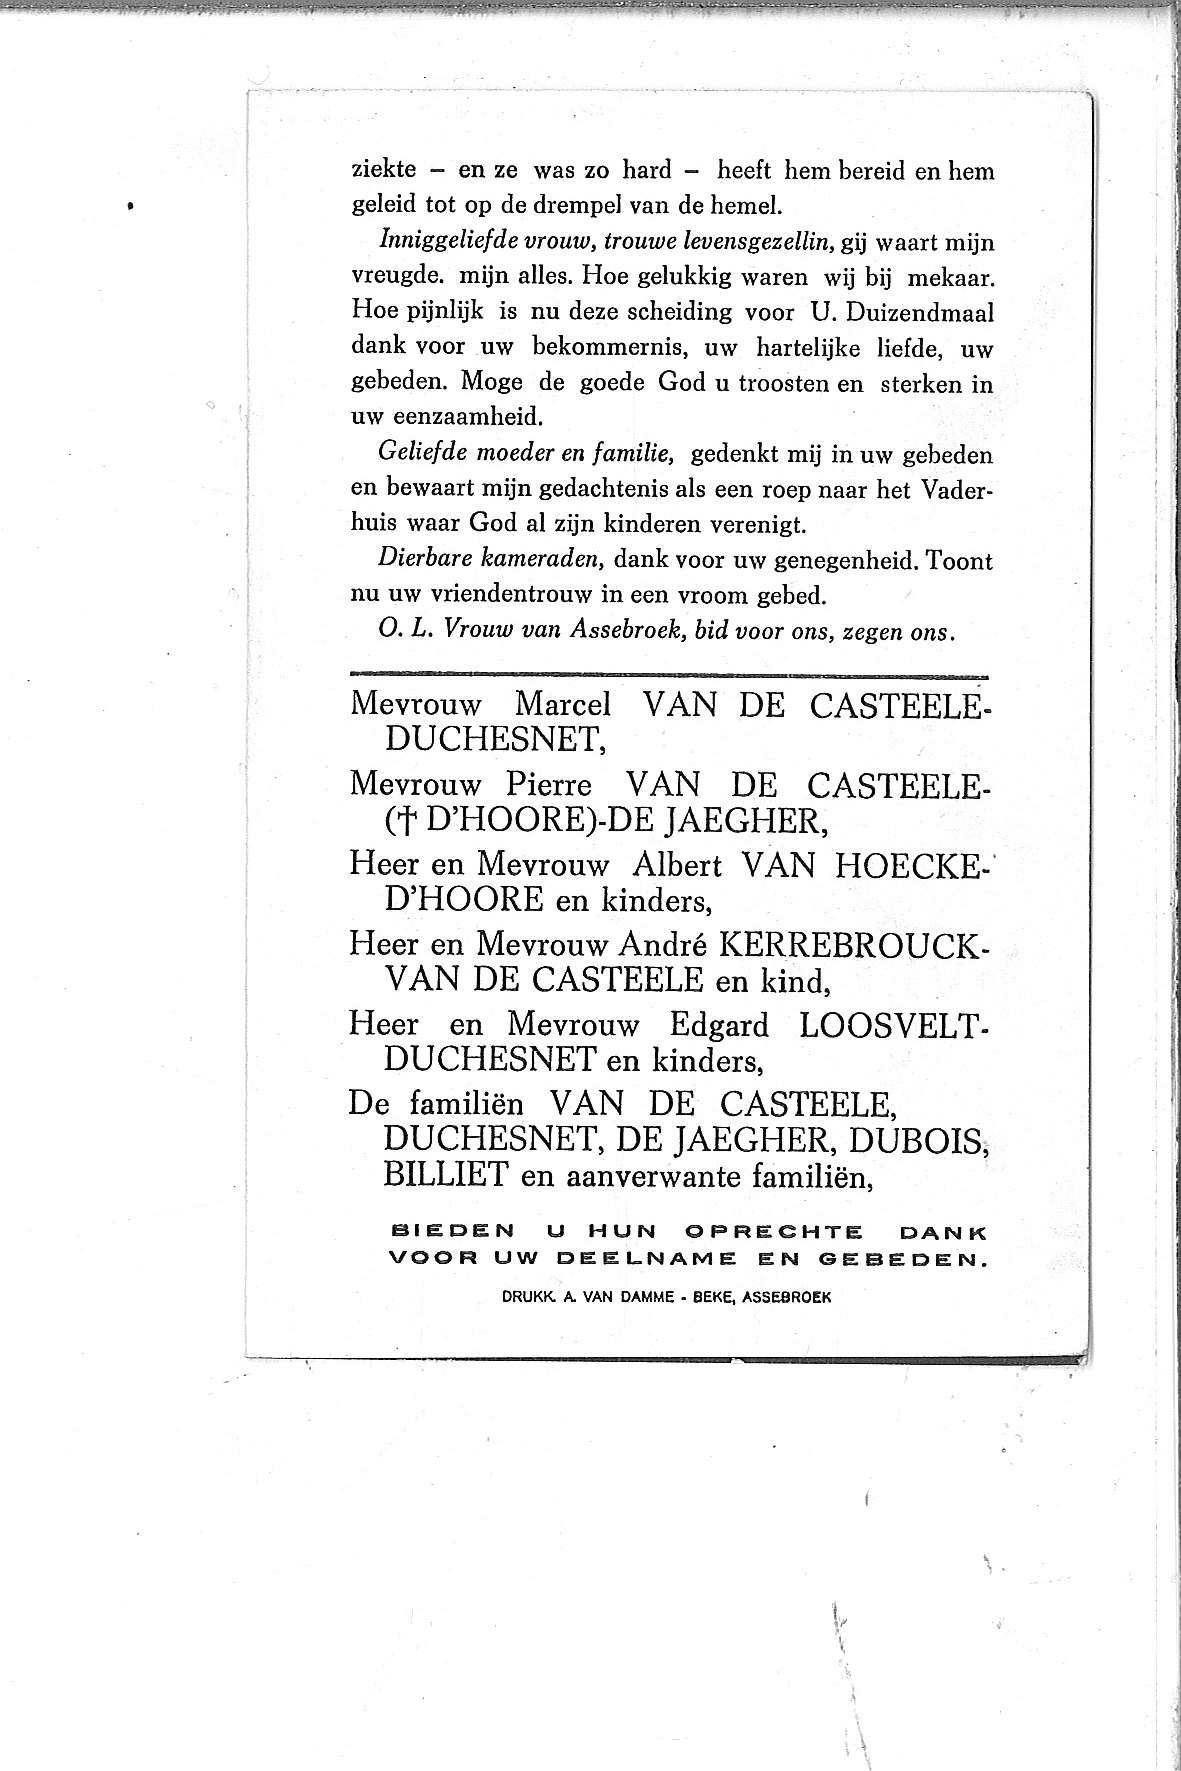 Marcel(1961)20140114094217_00003.jpg